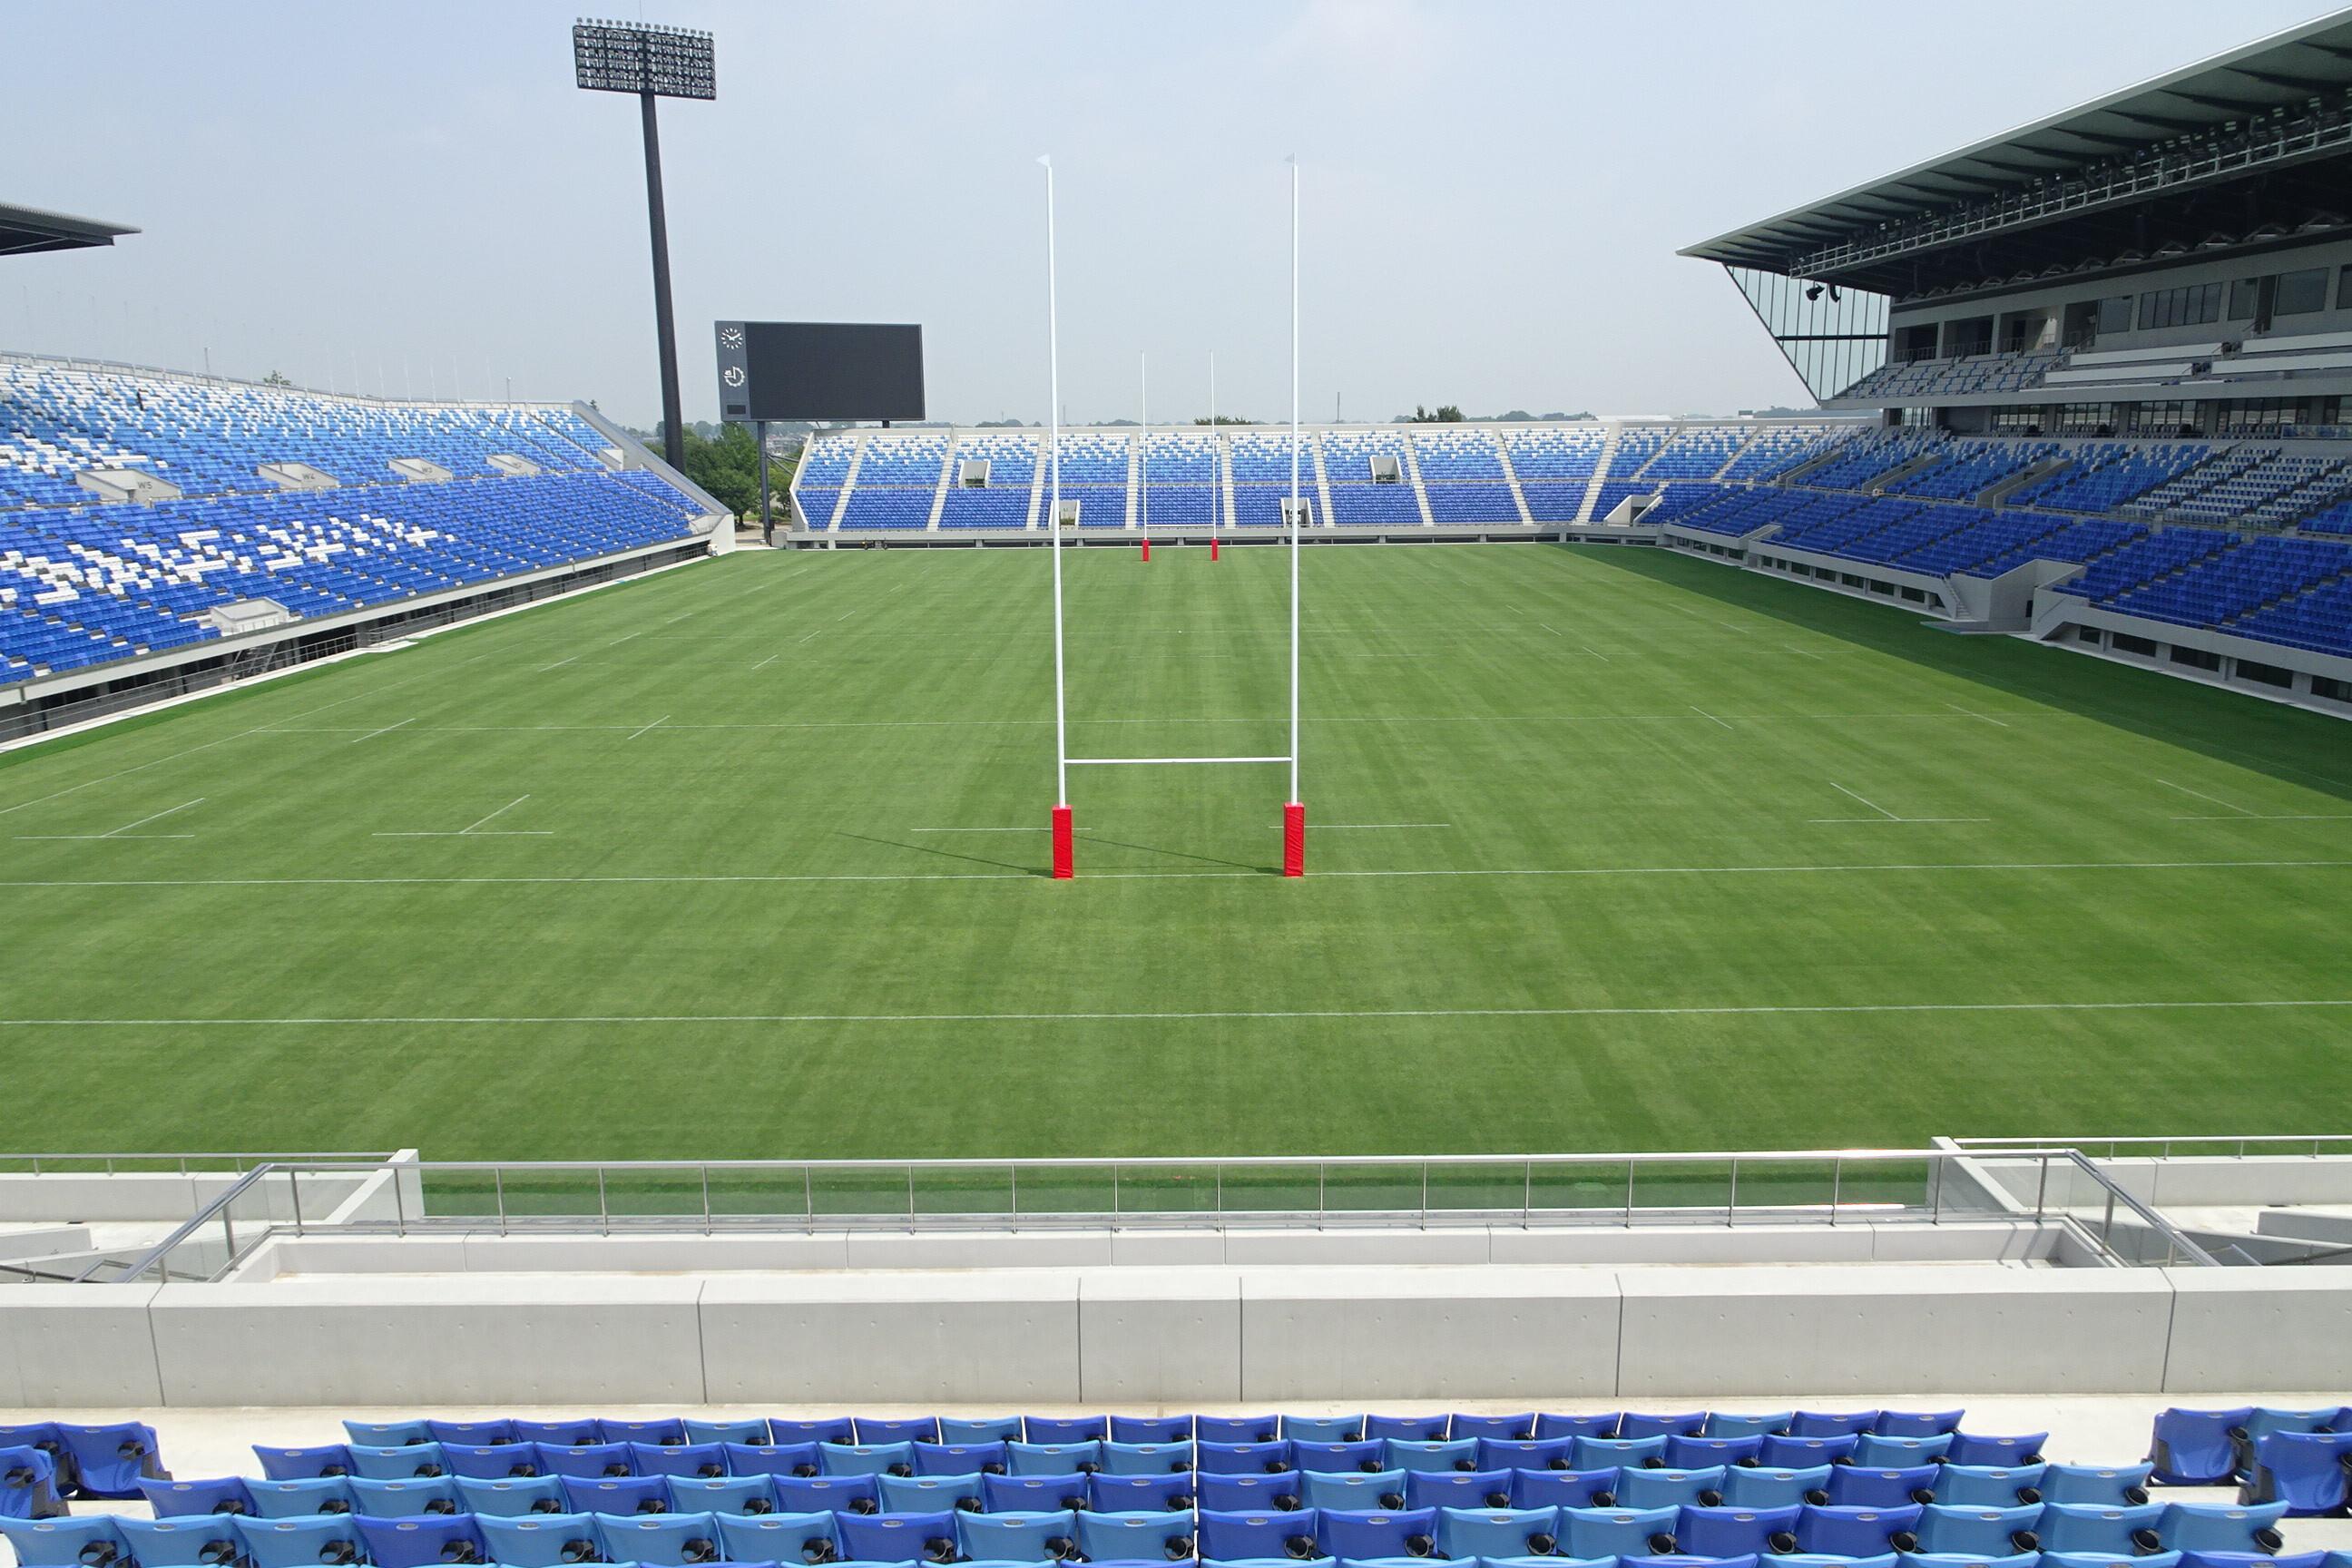 Kumagaya Rugby Stadium